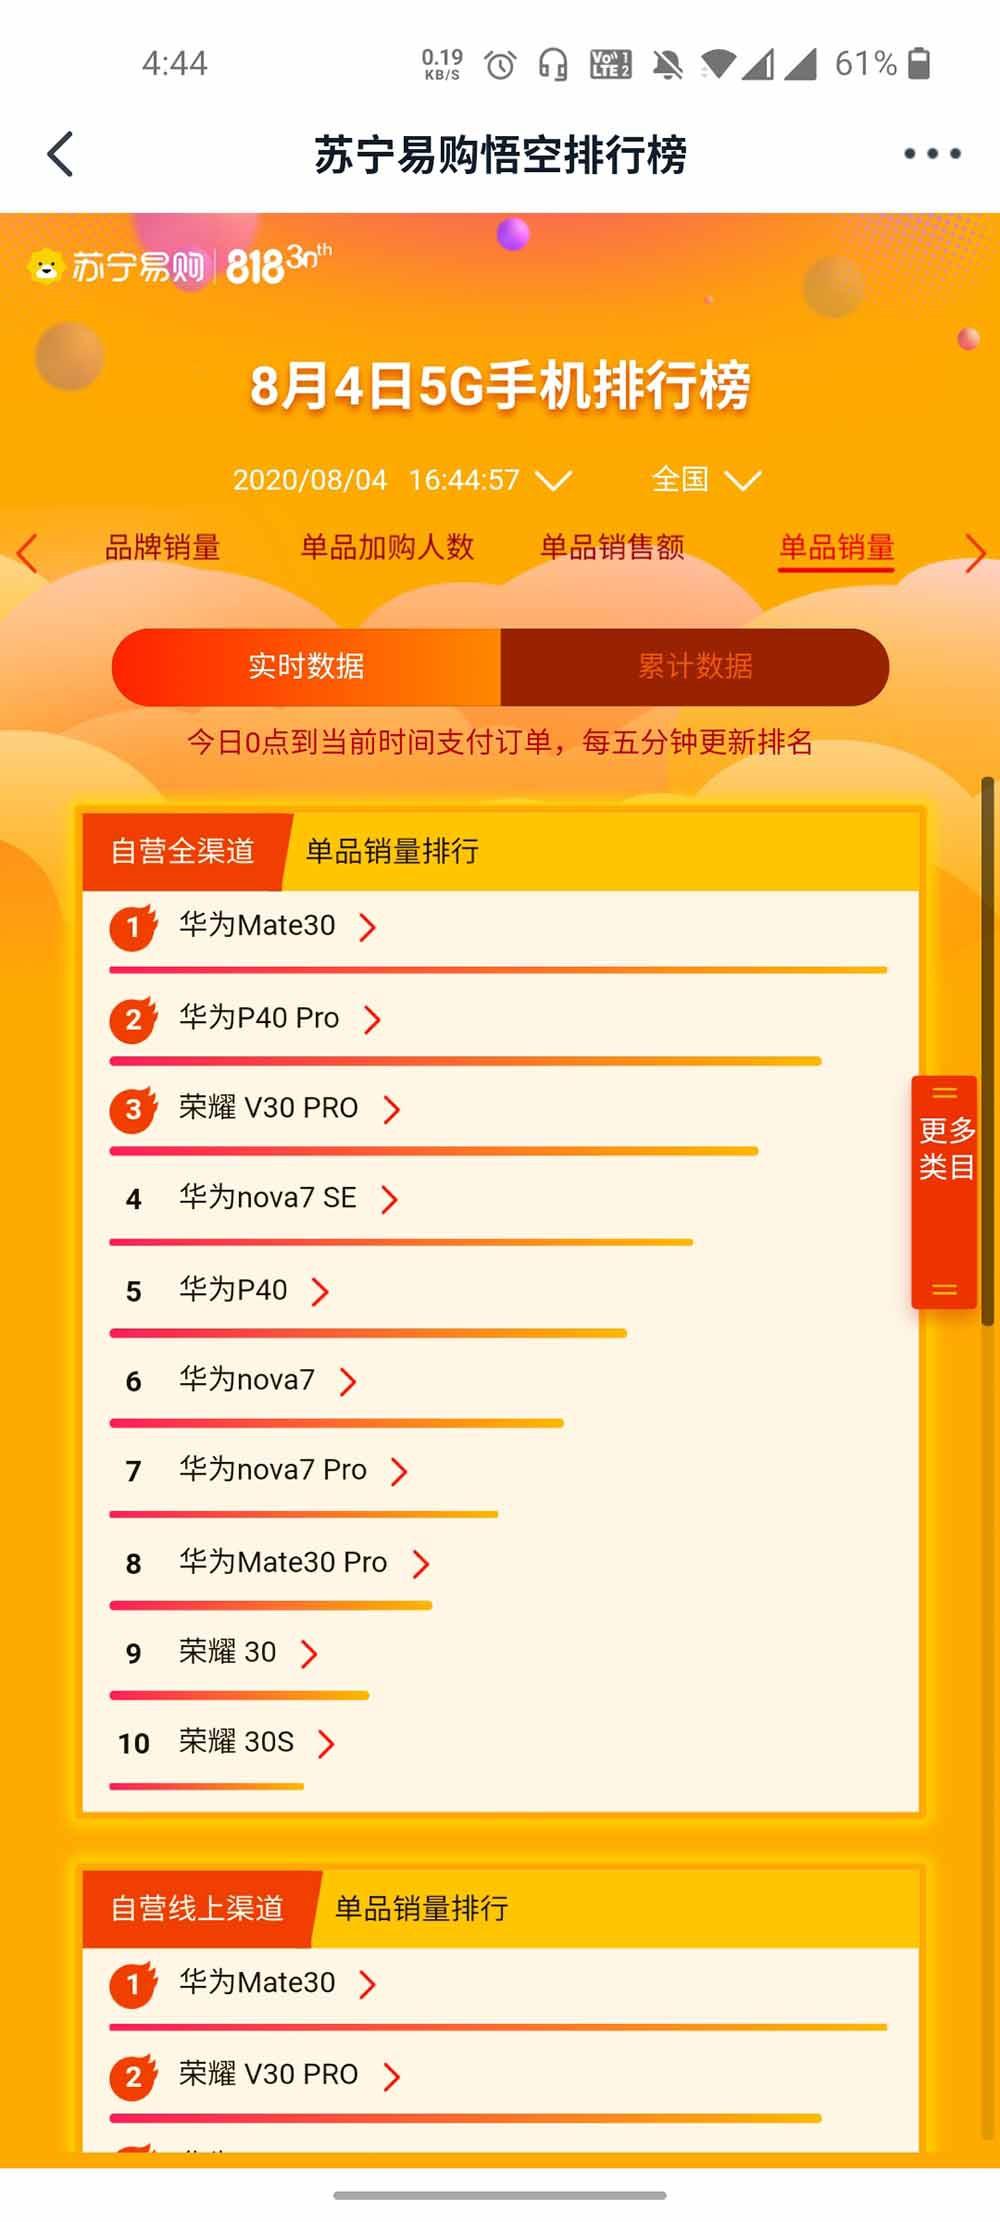 苏宁818手机销量悟空榜 5G竟然卖不赢4G